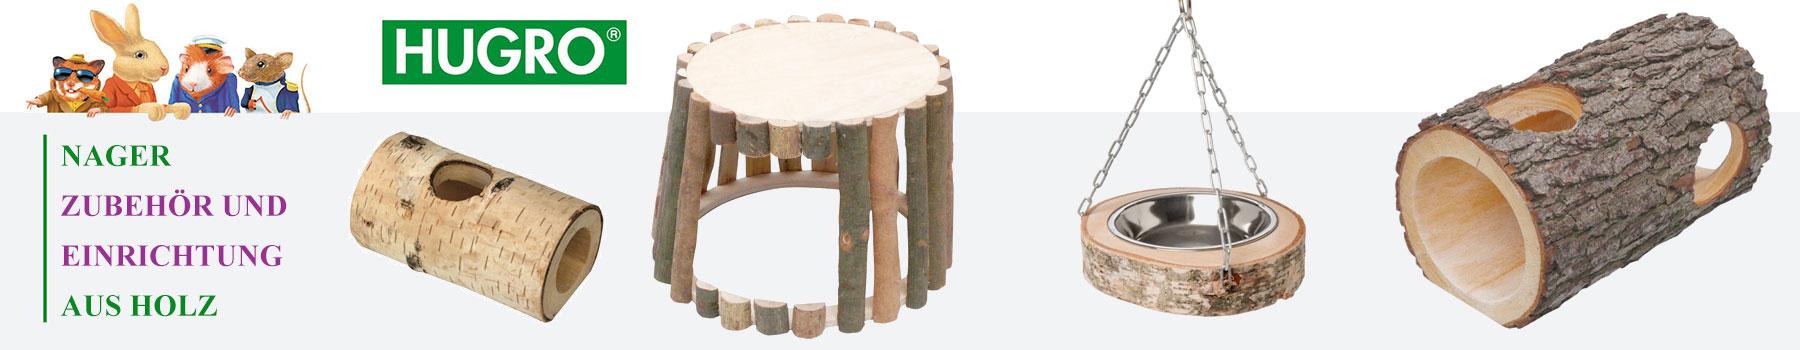 HUGRO Nagerzubehör aus Holz